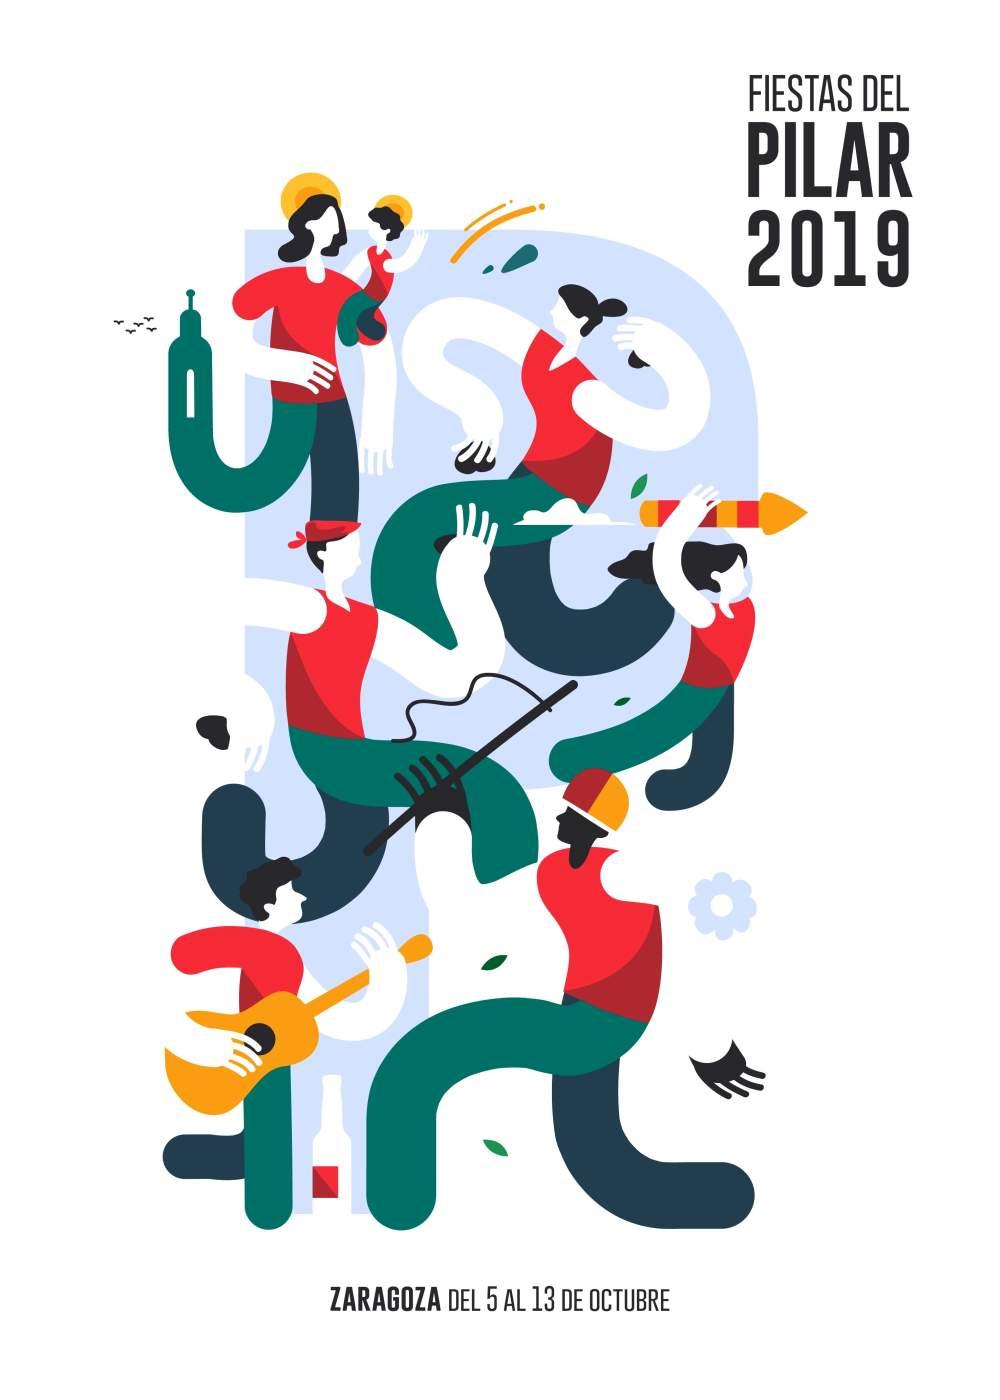 Fiestas del Pilar 2019 en Zaragoza- Programa de actos principales